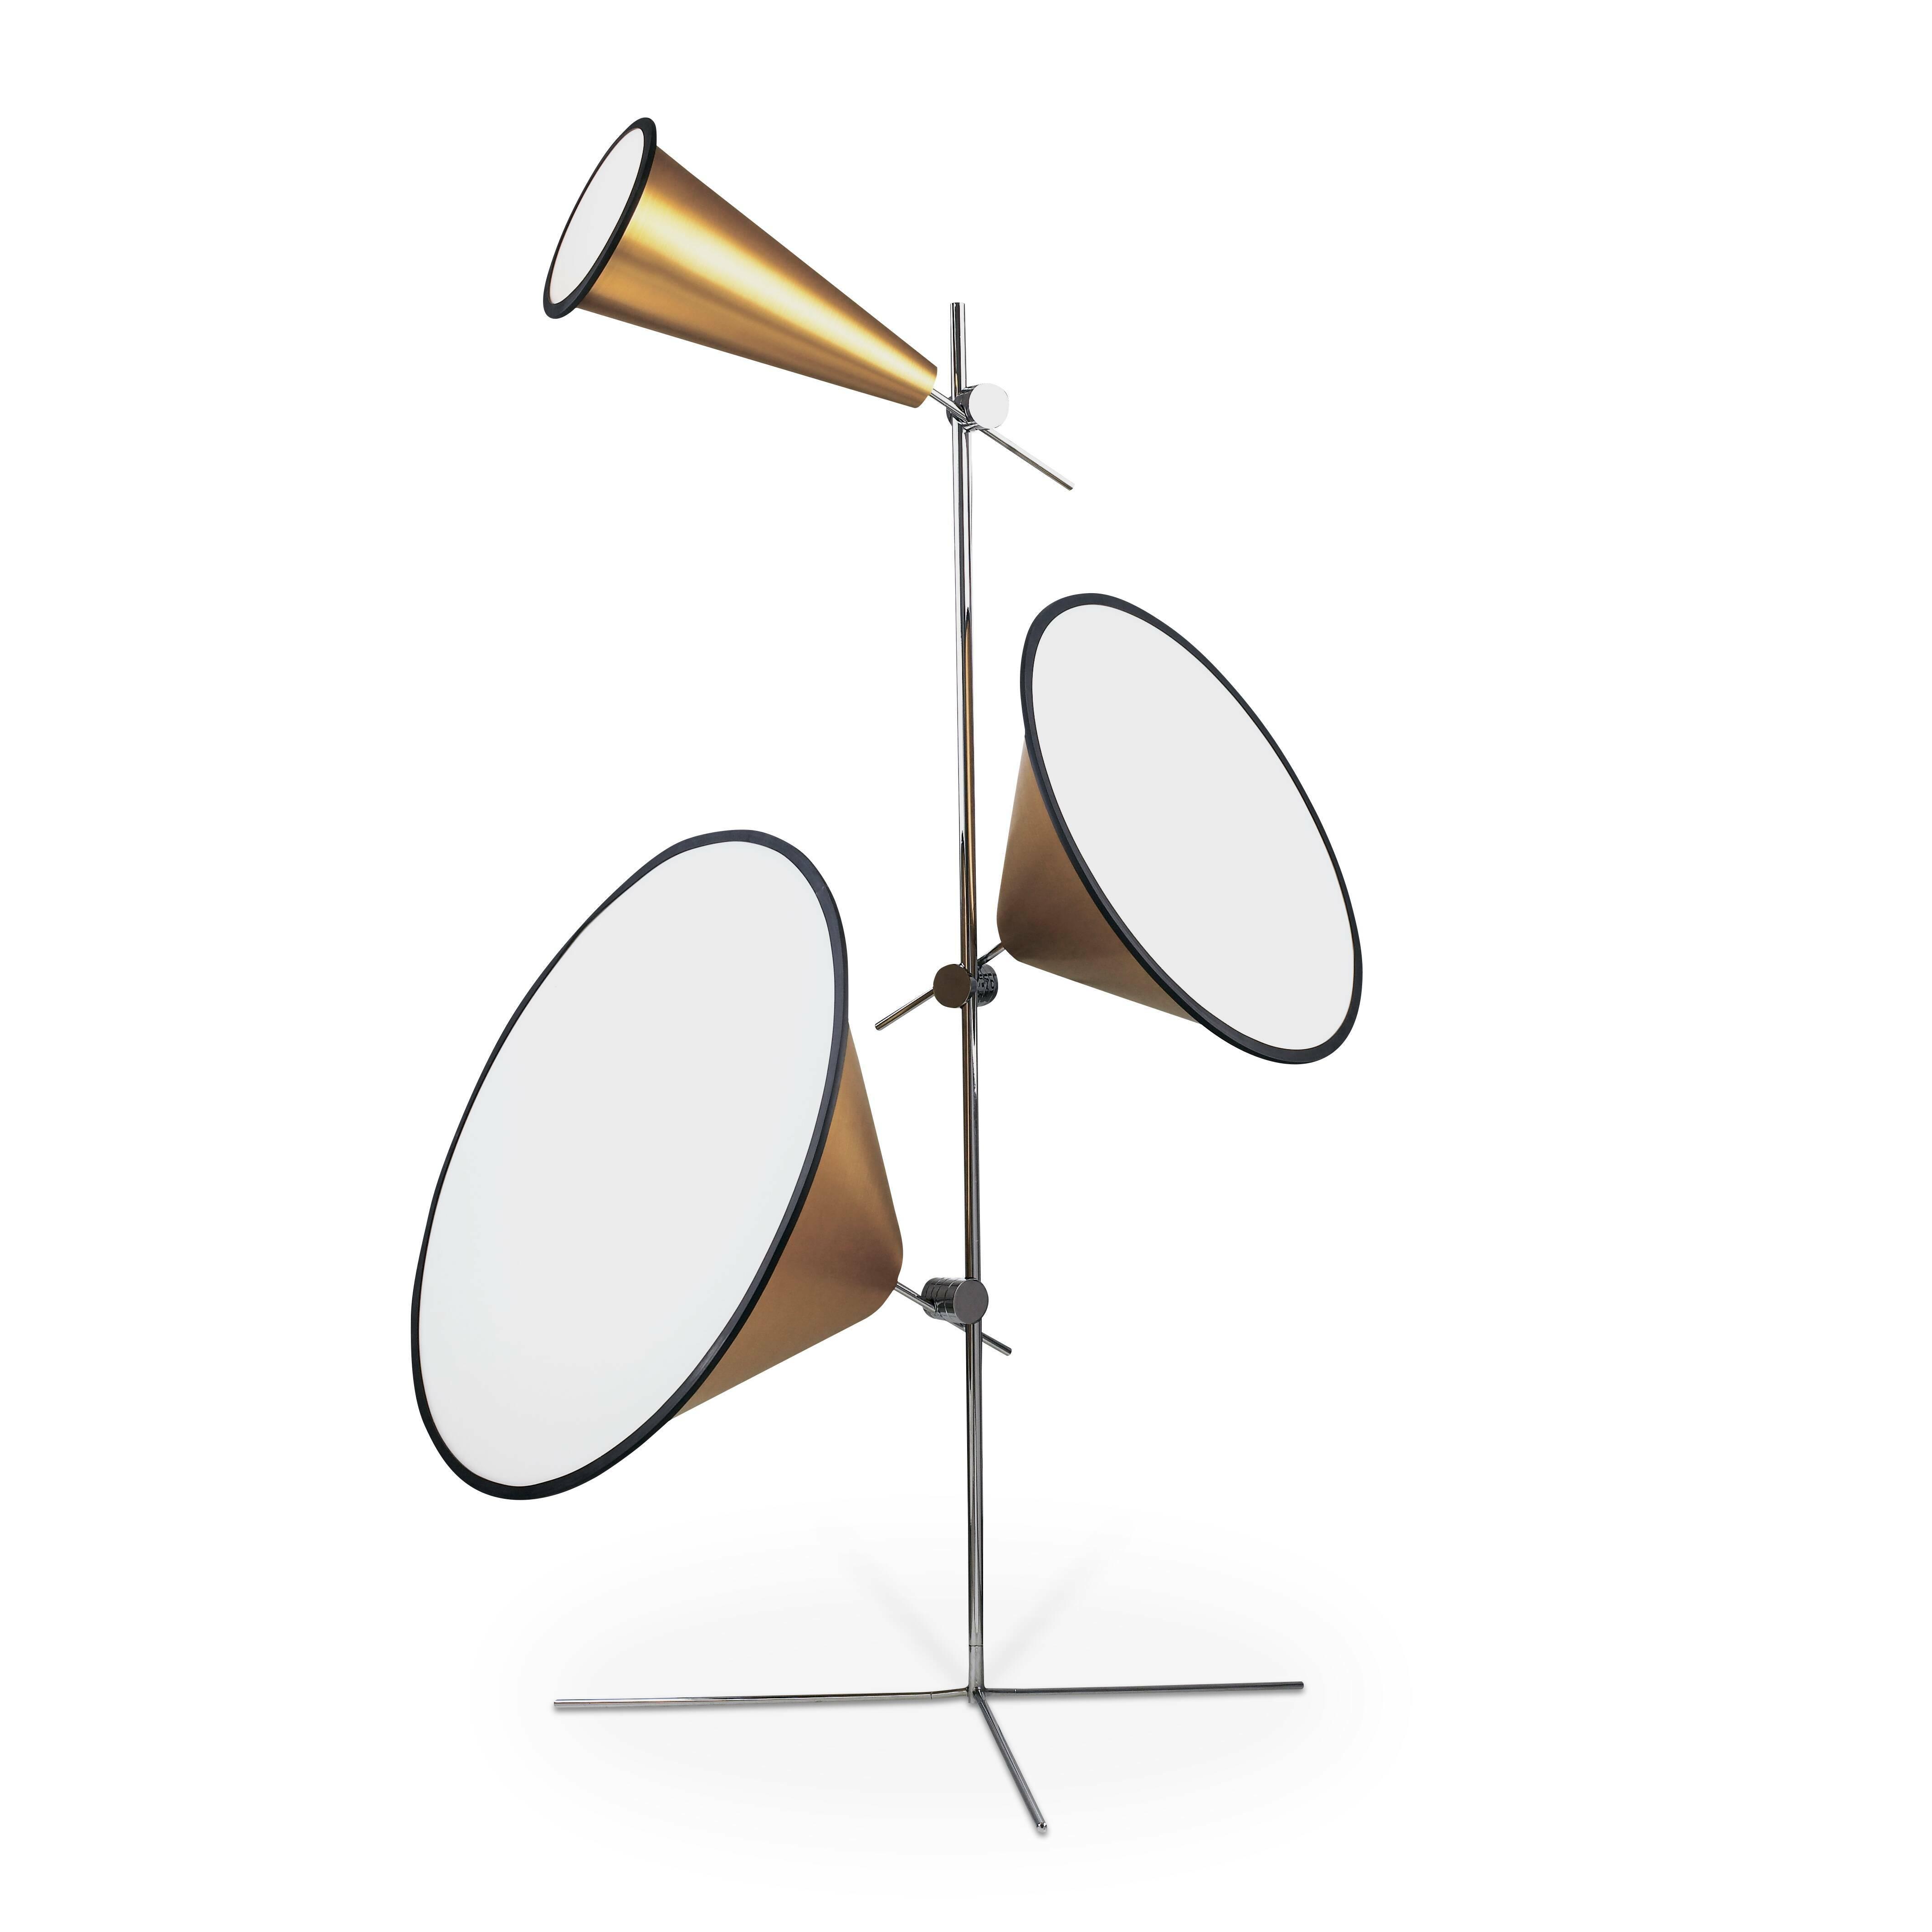 Напольный светильник ConeНапольные<br>Источник вдохновения для напольного светильника Cone — профессиональная фототехника. Этим объясняется особое отношение к свету и его универсальности. Плафон с внутренней белой поверхностью из акрила распределяет световой луч равномерно, придавая ему выразительность и качество естественного дневного света.<br><br><br> Напольный светильник Cone похож скорее на музыкальный инструмент, нежели на источник света. Но это и делает его столь необычным и модным дизайнерским предметом, созданным для того,...<br><br>stock: 0<br>Диаметр: 22,55,73<br>Количество ламп: 3<br>Материал абажура: Акрил<br>Материал арматуры: Металл<br>Ламп в комплекте: Нет<br>Напряжение: 220<br>Тип лампы/цоколь: E27<br>Цвет абажура: Золотой<br>Цвет арматуры: Хром